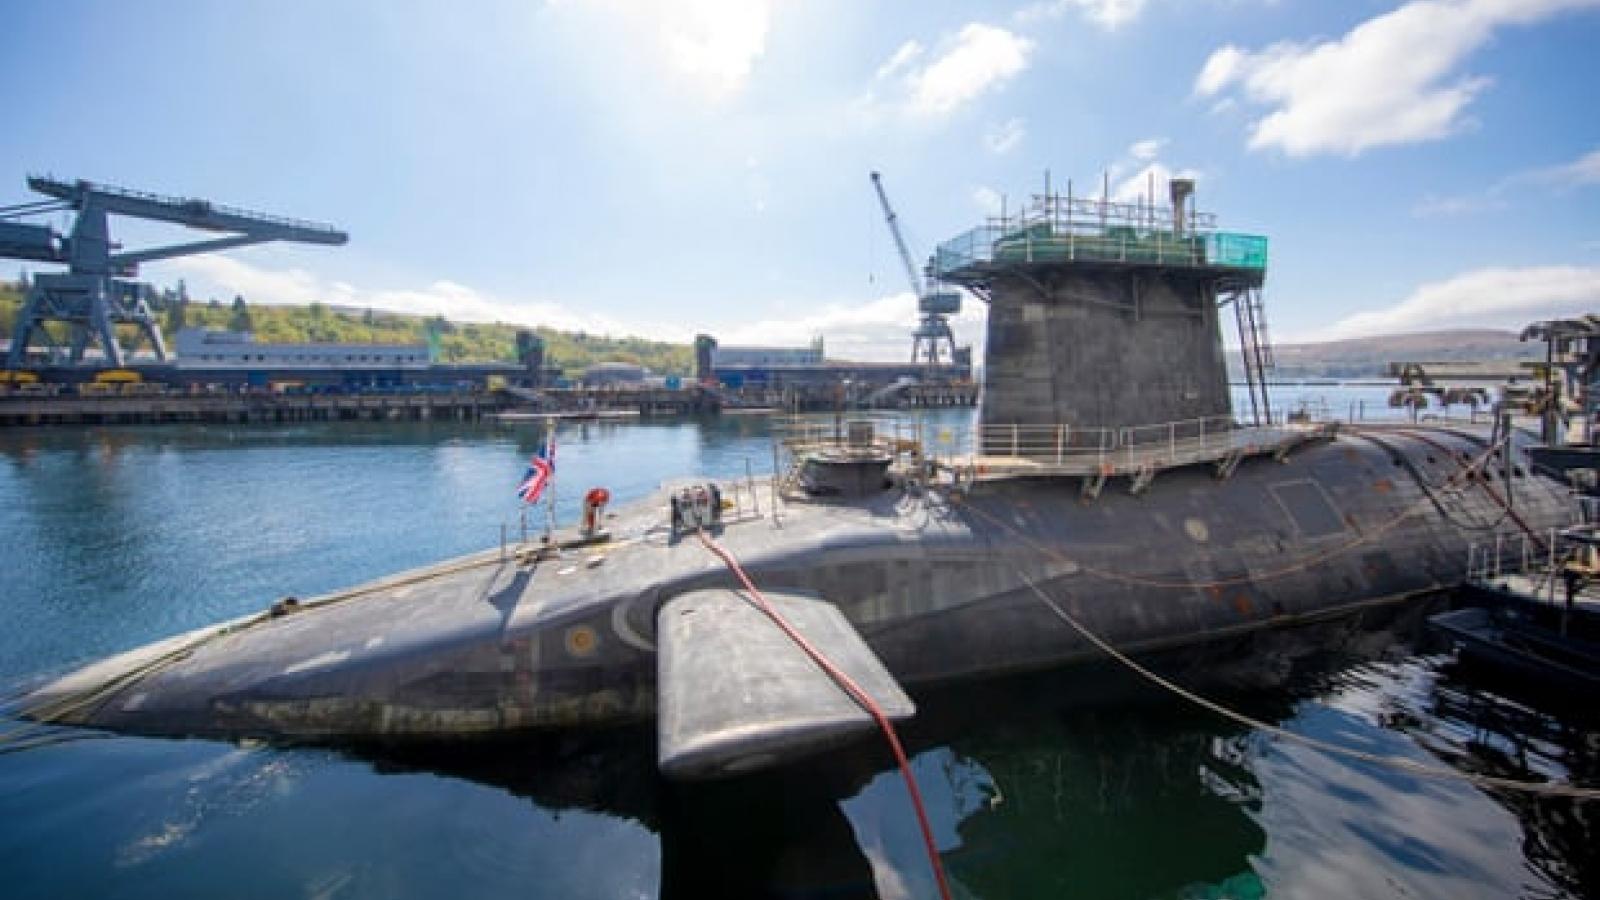 Anh tăng dự trữ đầu đạn hạt nhân, hướng tham vọng đến Ấn Độ -Thái Bình Dương